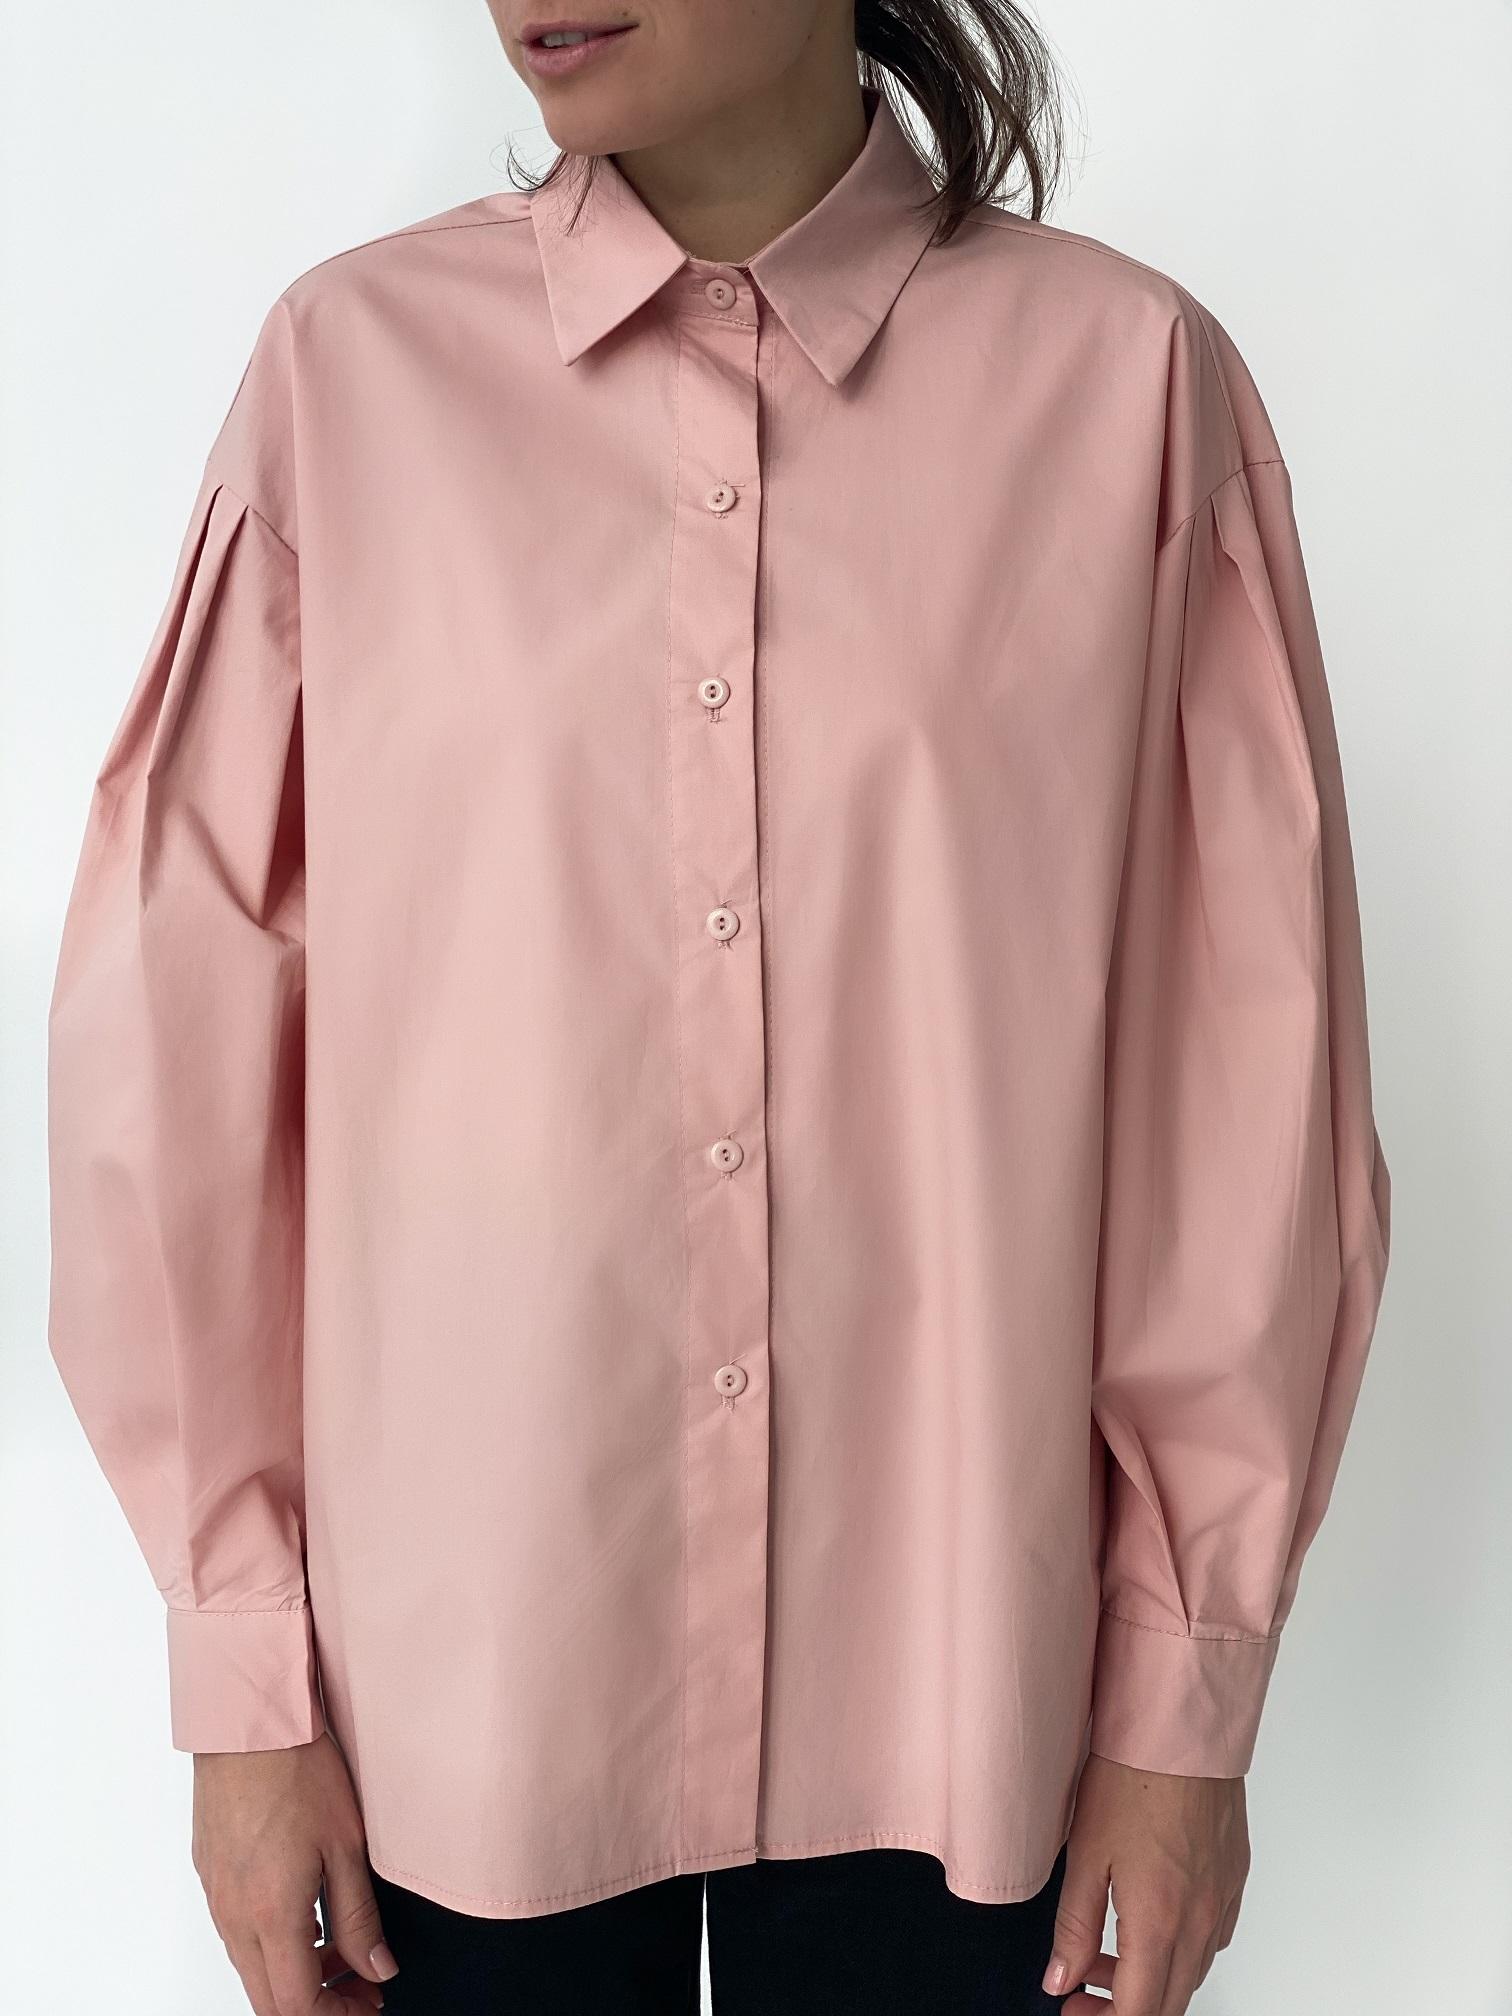 Рубашка, Ballerina, Forbes I (пепел розы)